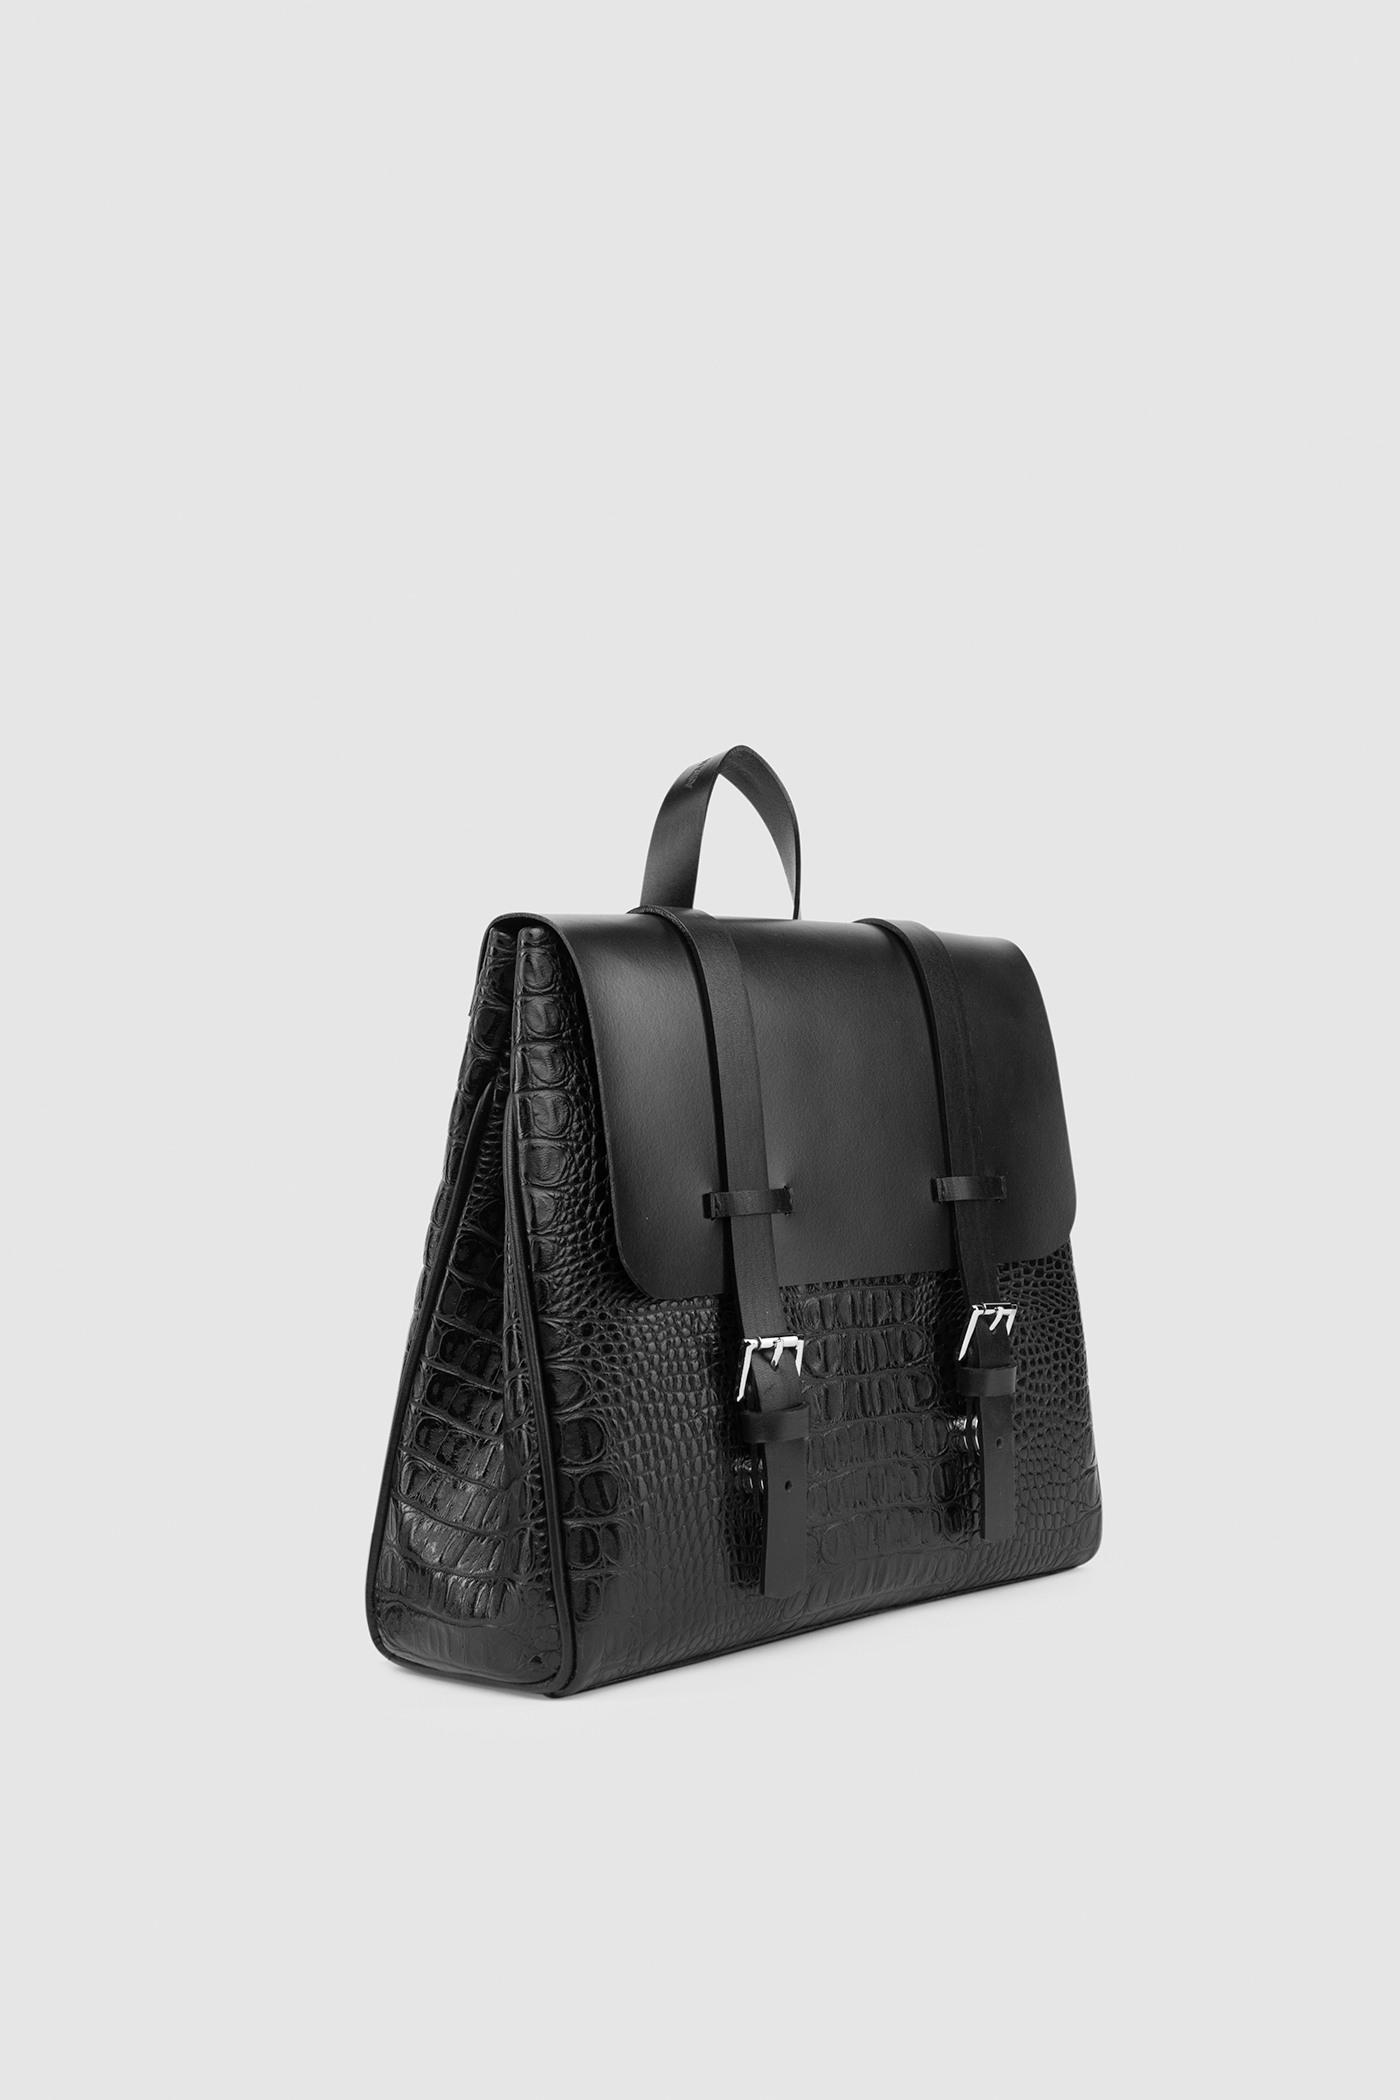 Маленький рюкзакКлассический рюкзак-портфель из высококачественной кожи. Задний карман на молнии. Внутреннее отделение на подкладке с тремя карманами для телефона, ключей и документов. Верхний клапан украшен полированной фурнитурой серебряного цвета и застегивается на потайные замки-магниты.&#13;<br>&#13;<br>&#13;<br>если перестегнуть лямки, рюкзак превращается в сумку через плечо&#13;<br>&#13;<br>держит форму&#13;<br>&#13;<br>съемные лямки на регуляторах&#13;<br>&#13;<br>защита нижних кантов от износа двойным дном&#13;<br>&#13;<br>тканная подкладка&#13;<br>&#13;<br>прилагается чехол для хранения&#13;<br>&#13;<br>&#13;<br>Высота: 24,5 см&#13;<br>Длина: 26 &gt; 24 см&#13;<br>Глубина: 9,5 см&#13;<br>Высота ремешка: max 93 - min 69 см&#13;<br>Длина ручки: 22 см<br><br>Цвет: Чёрный крокодил